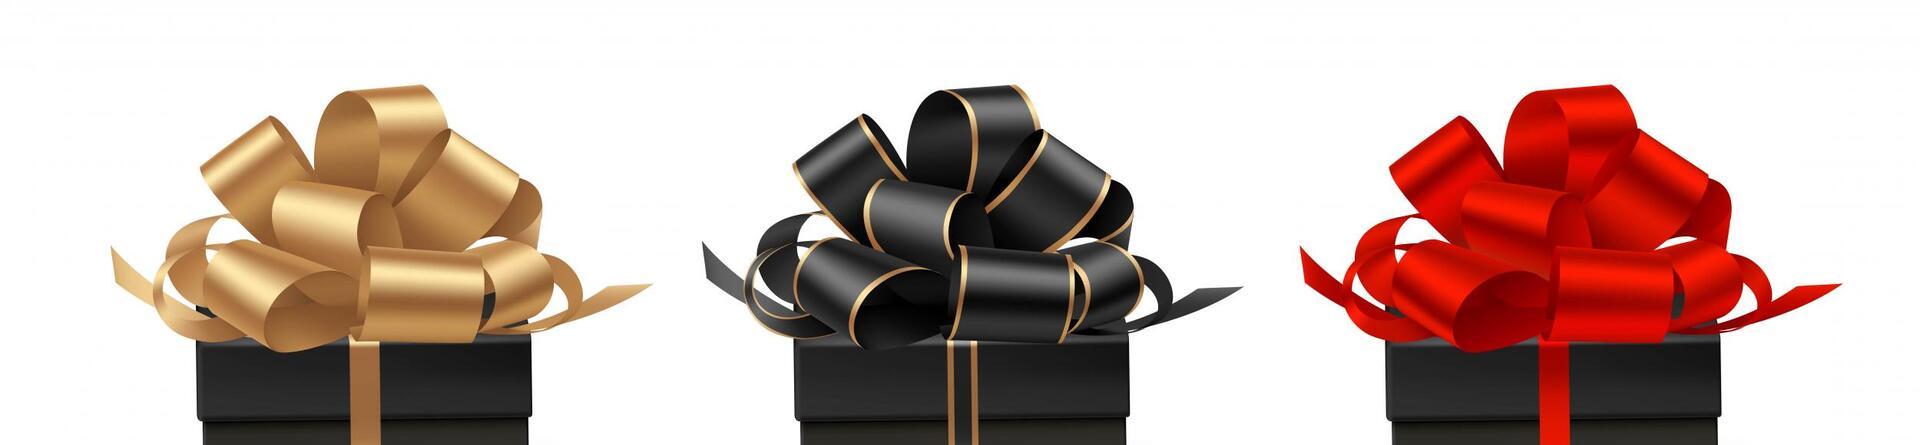 hotelnautiluspesaro en gift-voucher 009